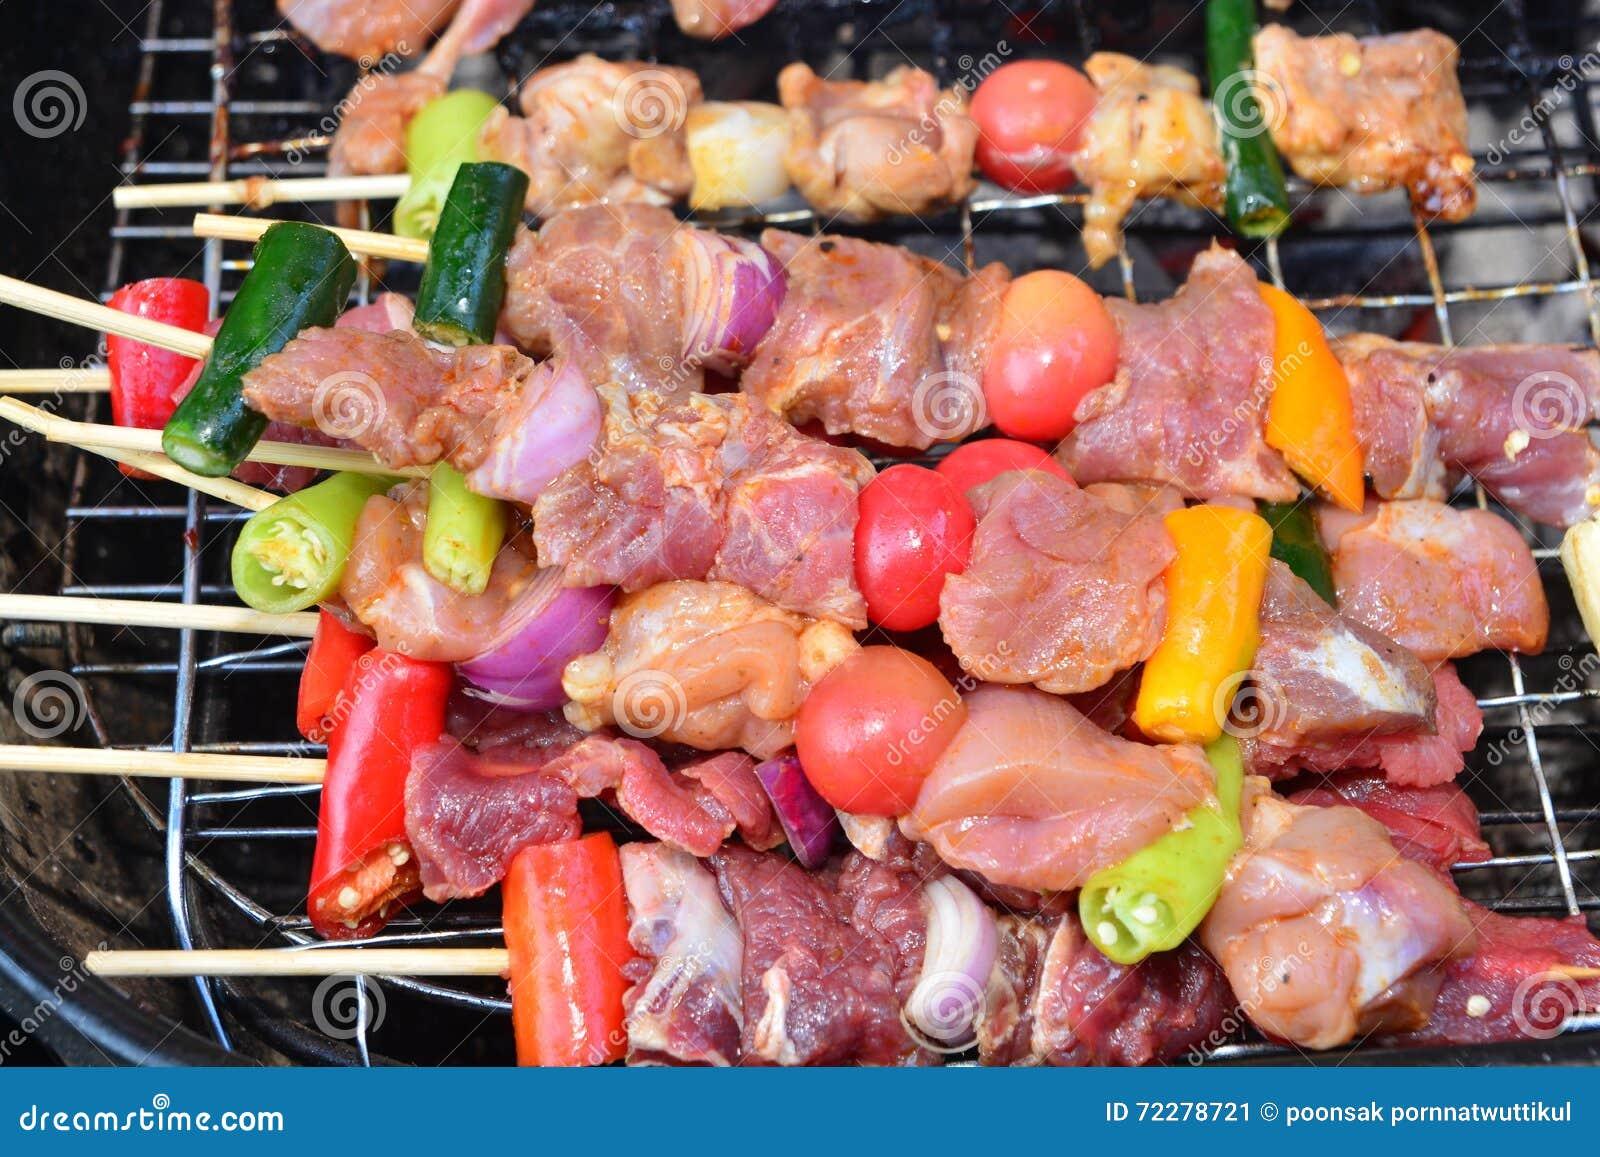 Download Барбекю на горячем угле стоковое изображение. изображение насчитывающей диетпитание - 72278721